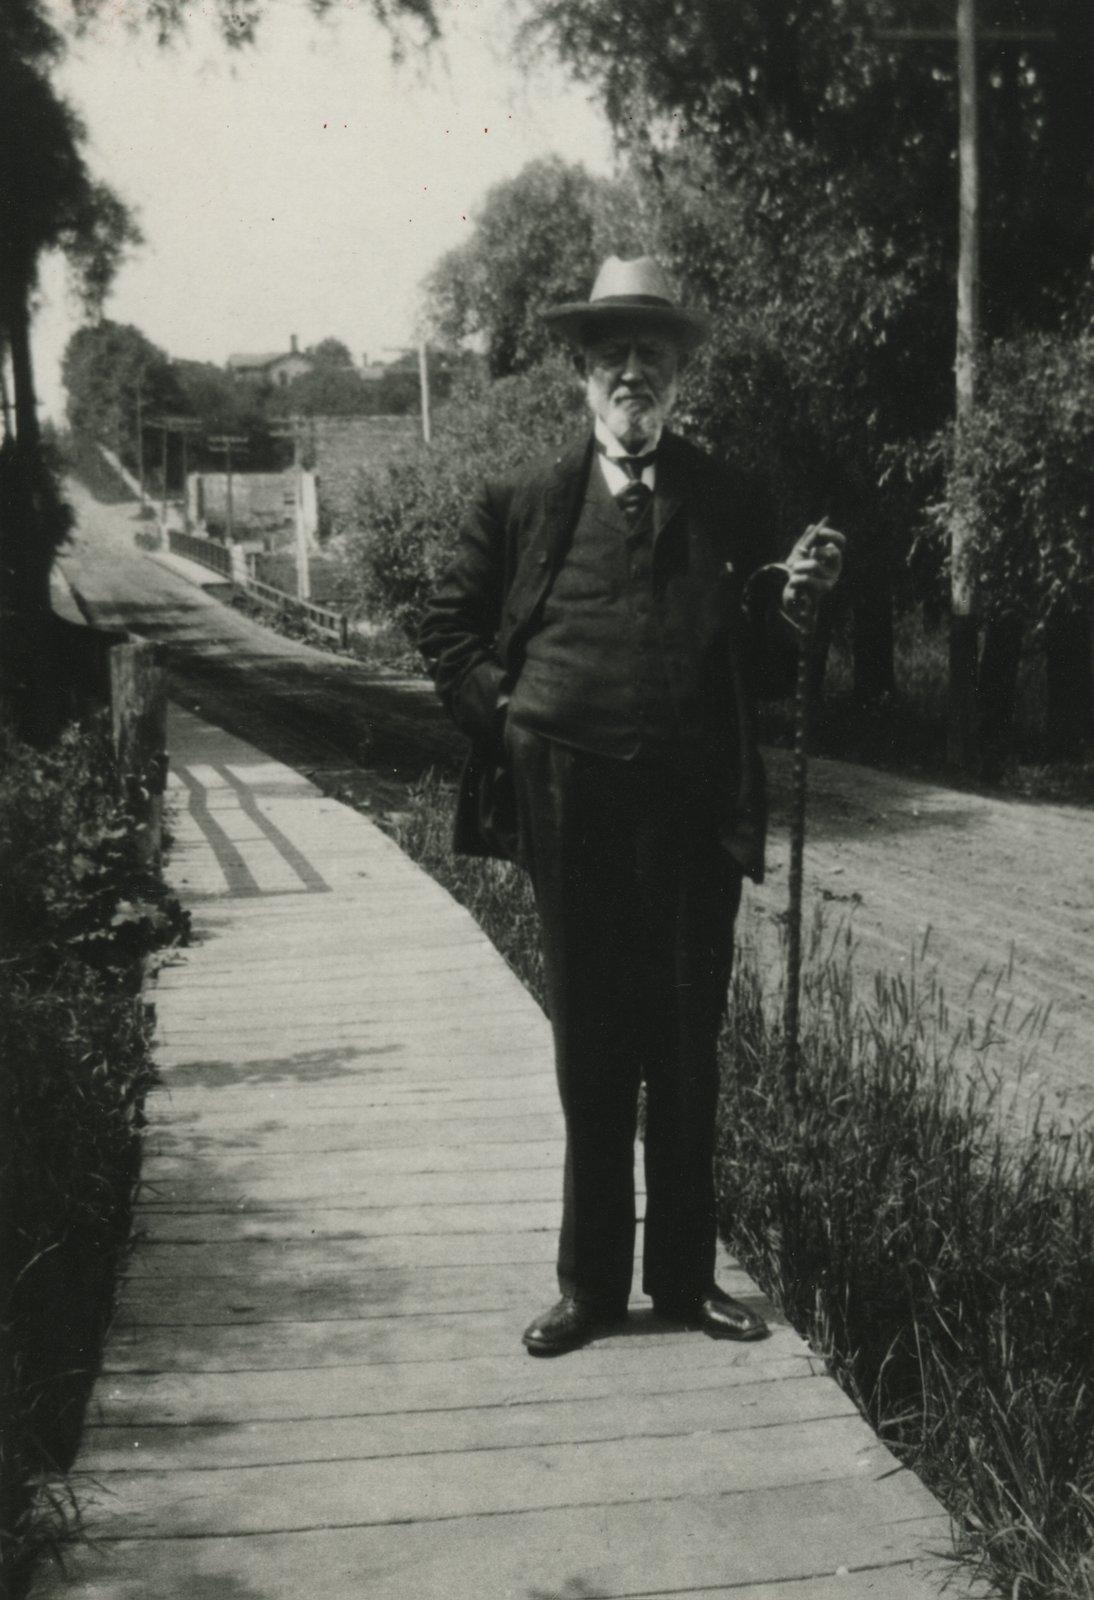 Stafford D. Marlatt, 1830-1908